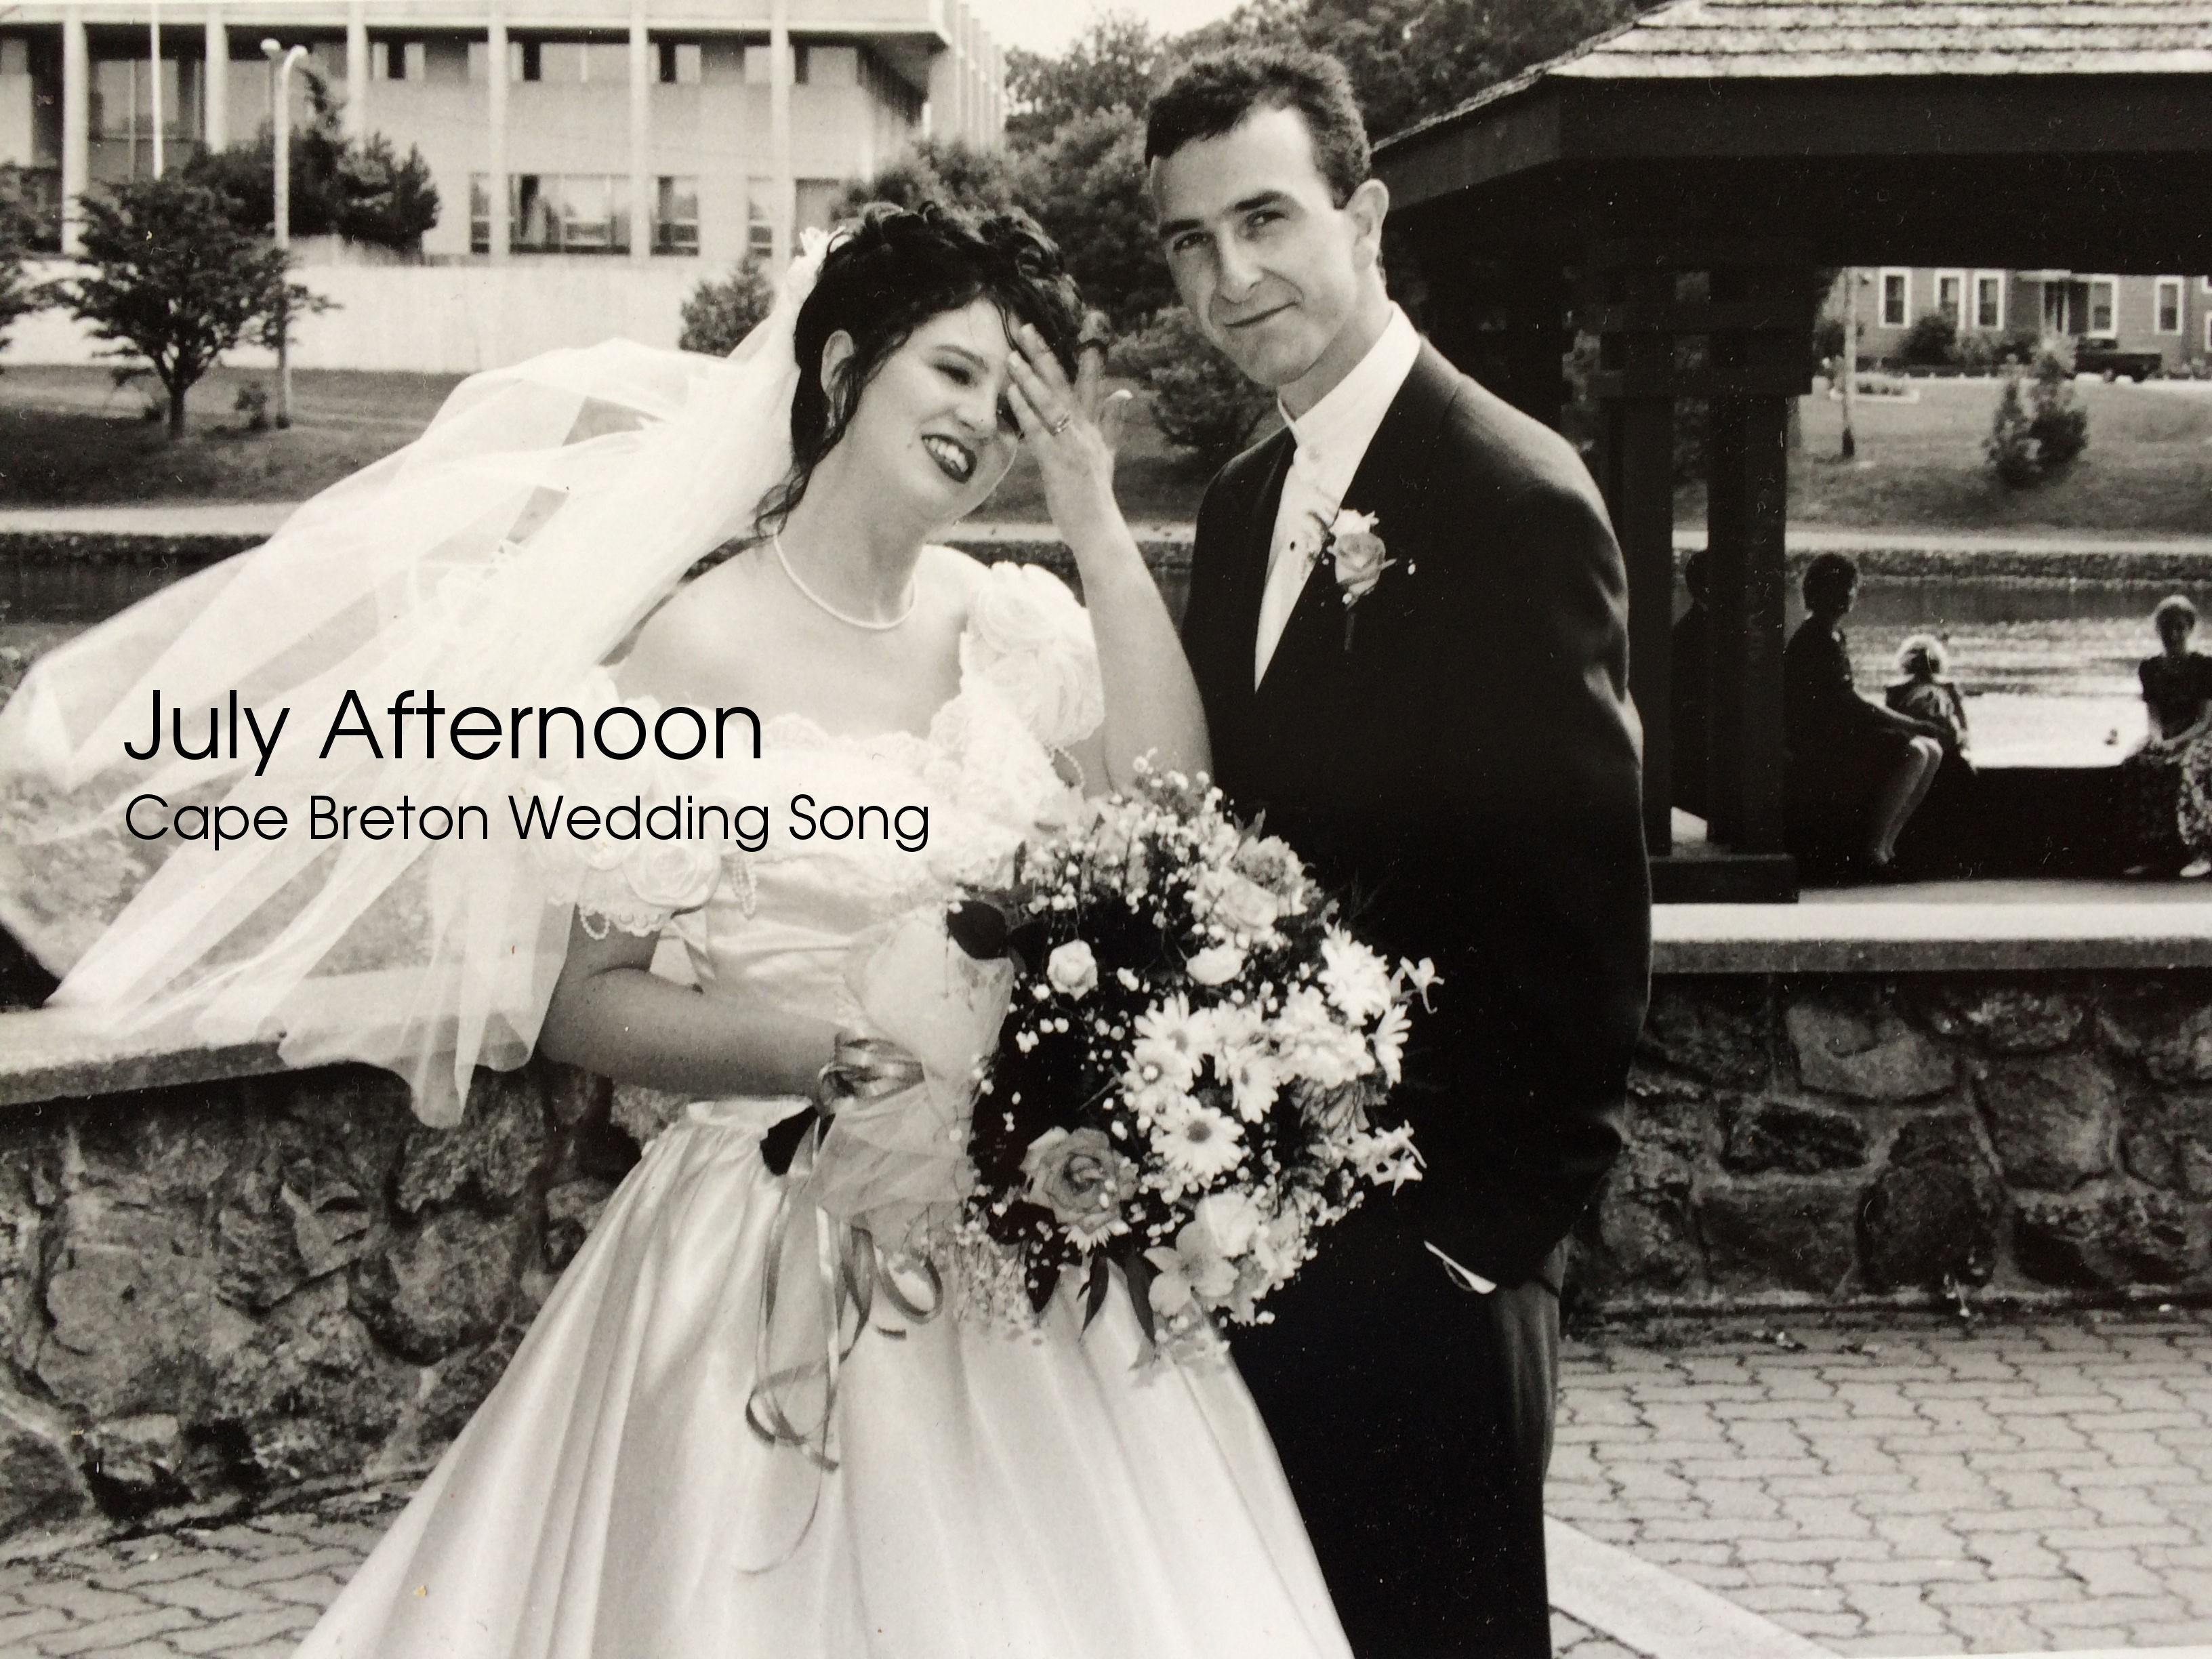 Cape Breton wedding Song | Glen Murrant